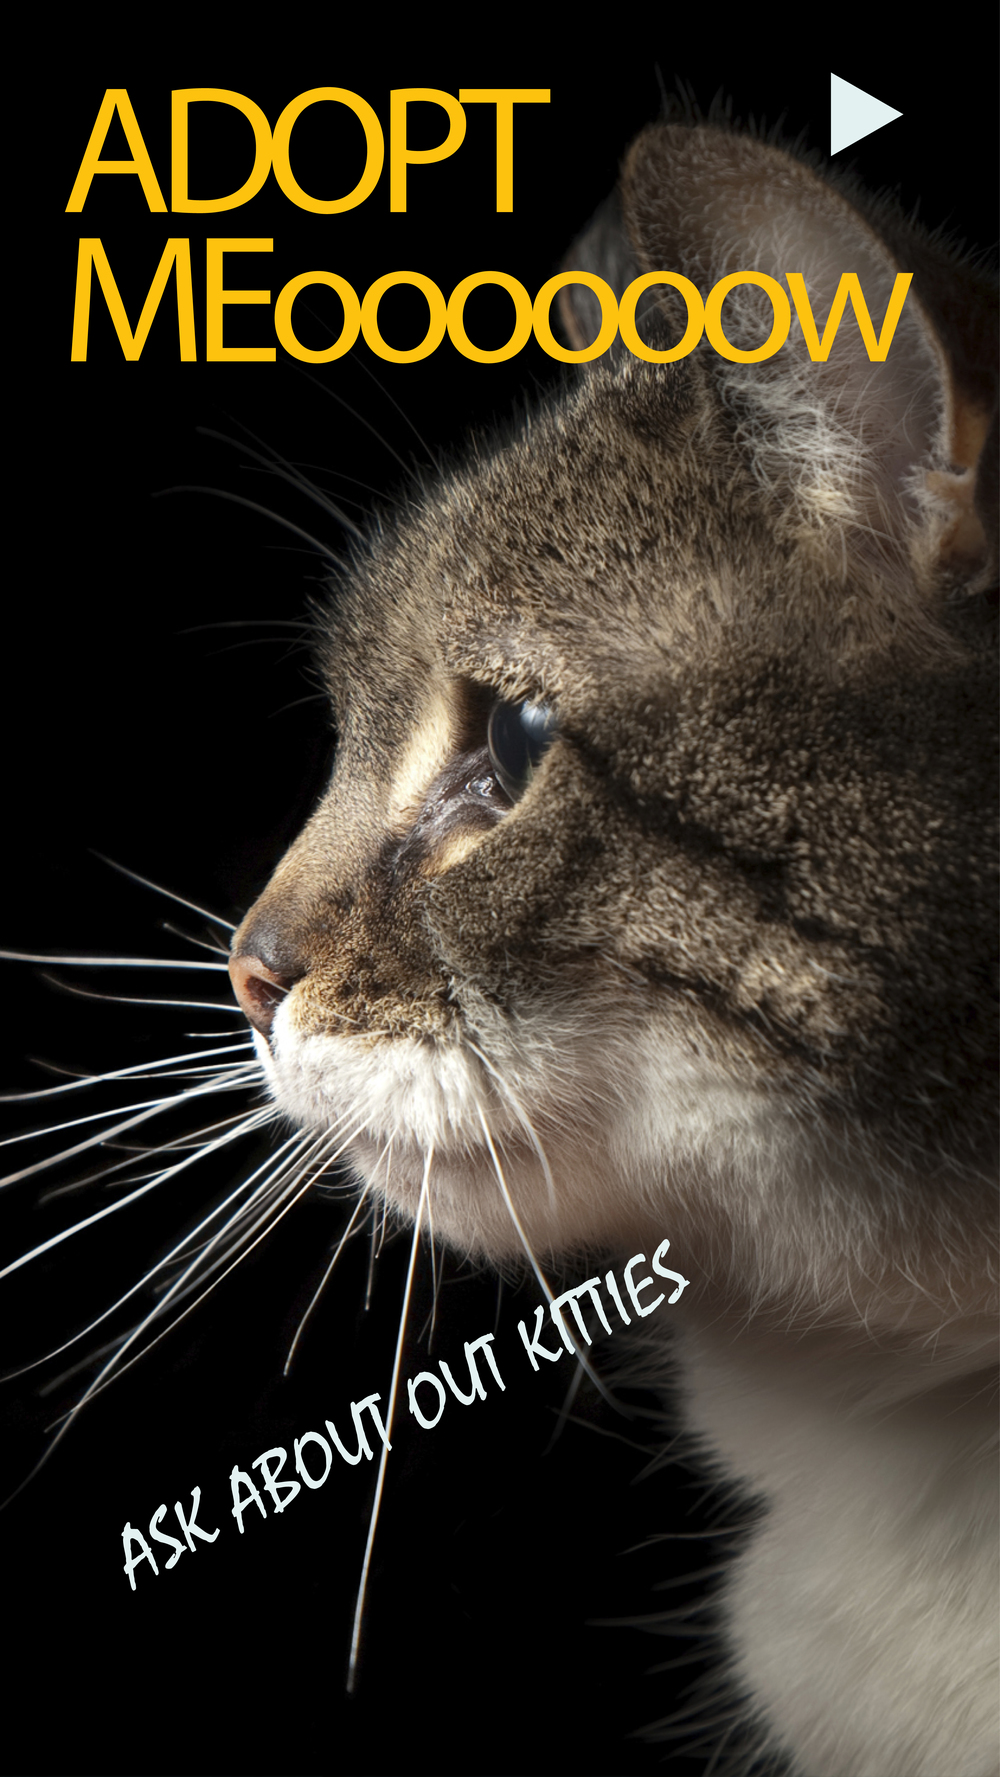 CatFaceAdopt.jpg